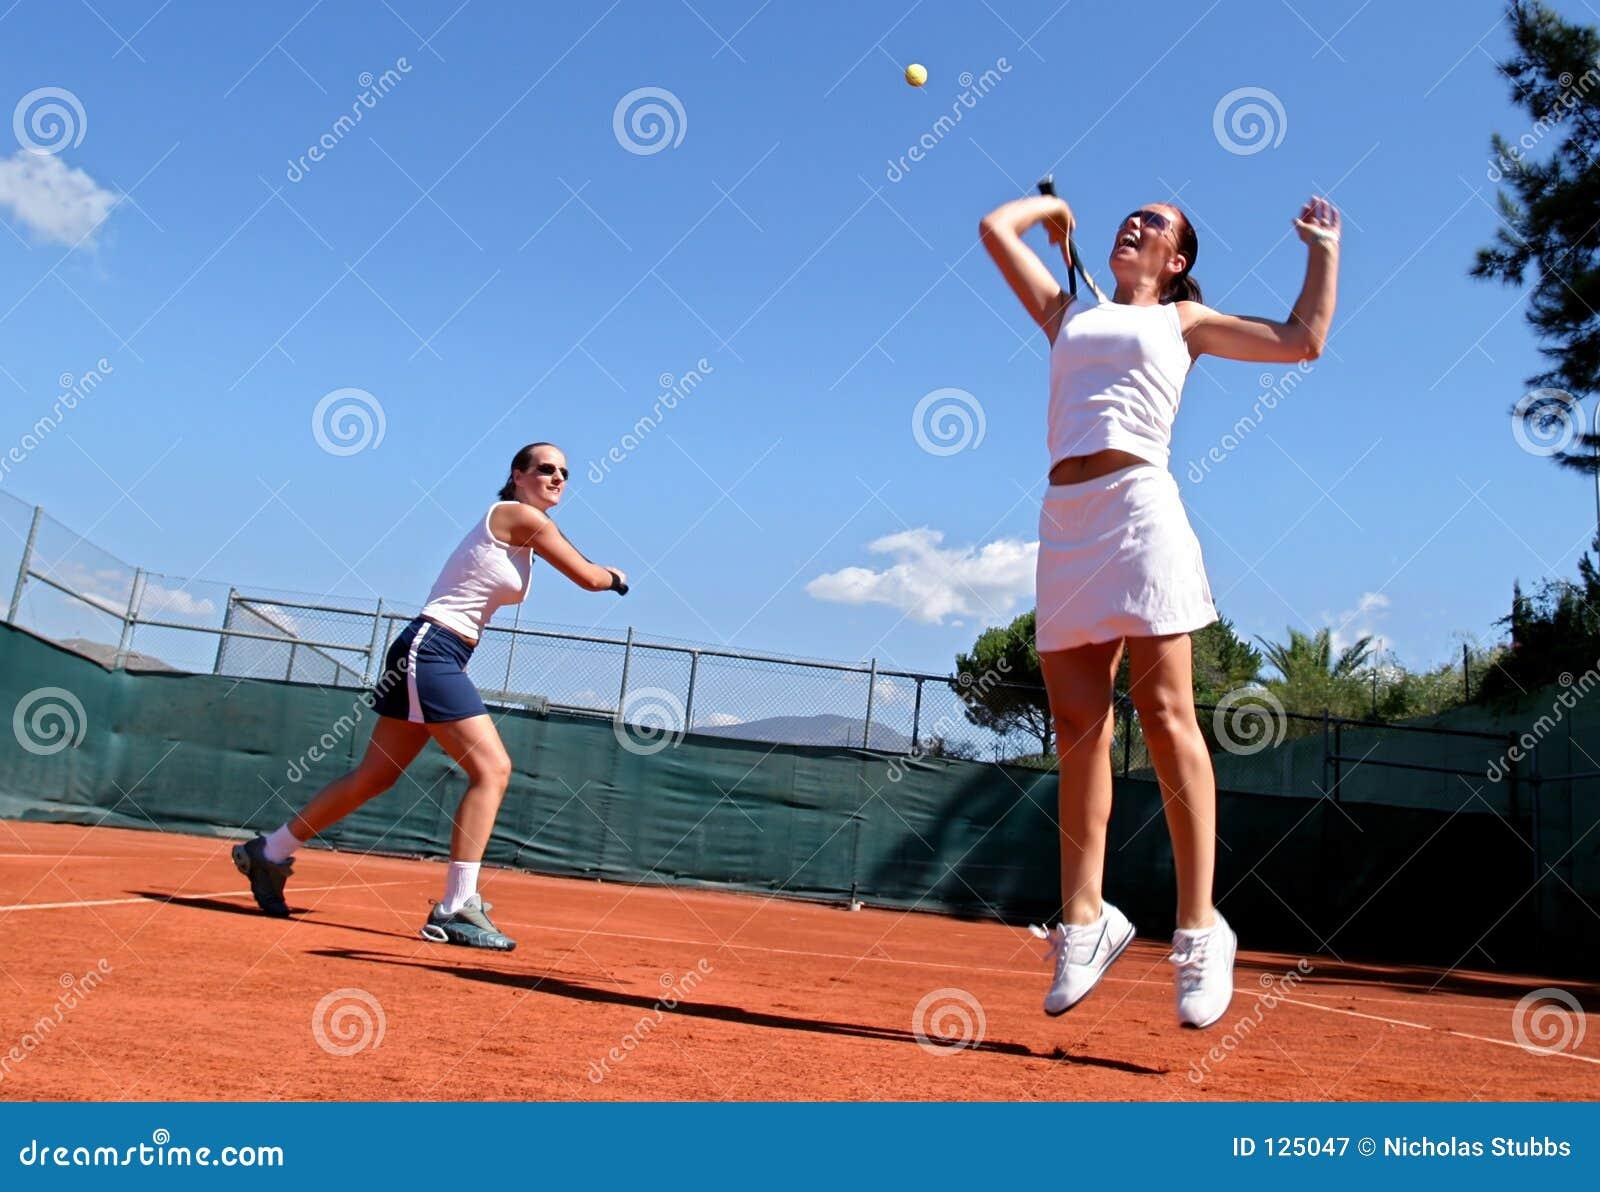 Twee vrouwelijke tennisspelers die dubbelen in de zon spelen. Men springt en rekt zich voor de bal uit.